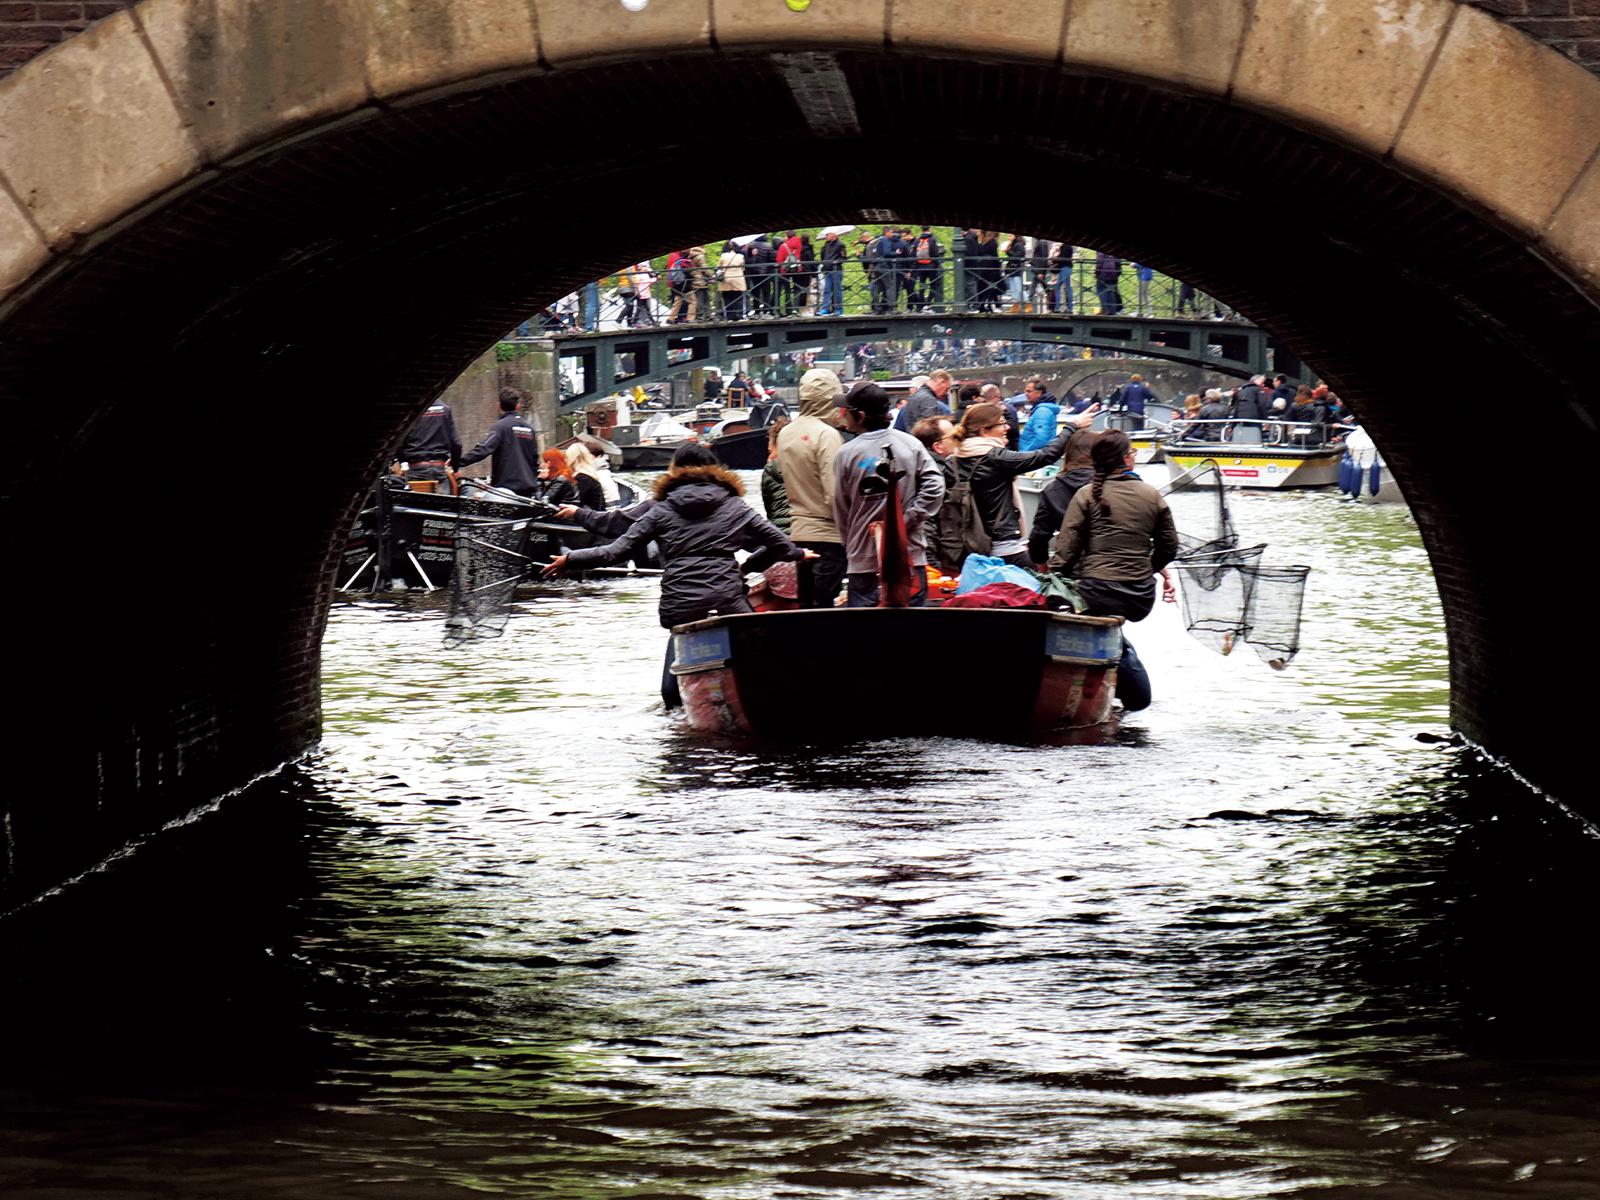 橋の下をくぐって広い場所に出る。ほかのボートや橋の上にいる人々との交流も楽しみのひとつだ。